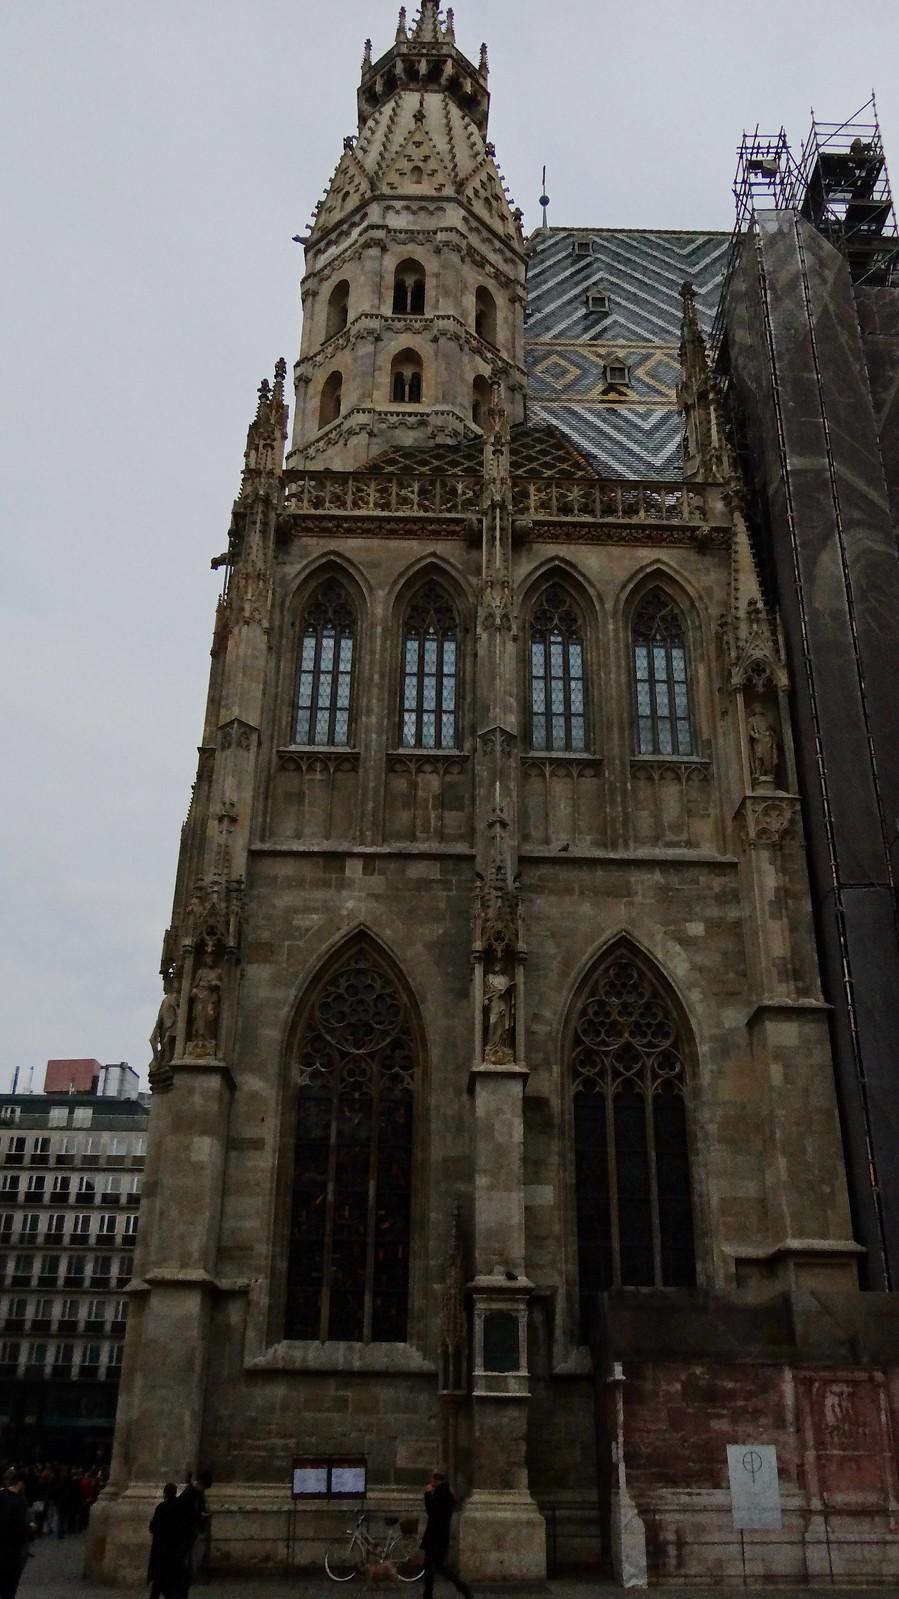 Die Wiener Bürgerschaft bespöttelte das Bauwerk und benamste es ironisch als goldenes Krauthappel. Darüber wölbt sich eine filigrane Dreiviertelkugel von Lorbeerblättern aus vergoldetem Metall. Schlicht eingesetzte verspielte Verzierungen akzentuieren die grellweißen Wandflächen in Wien 00976